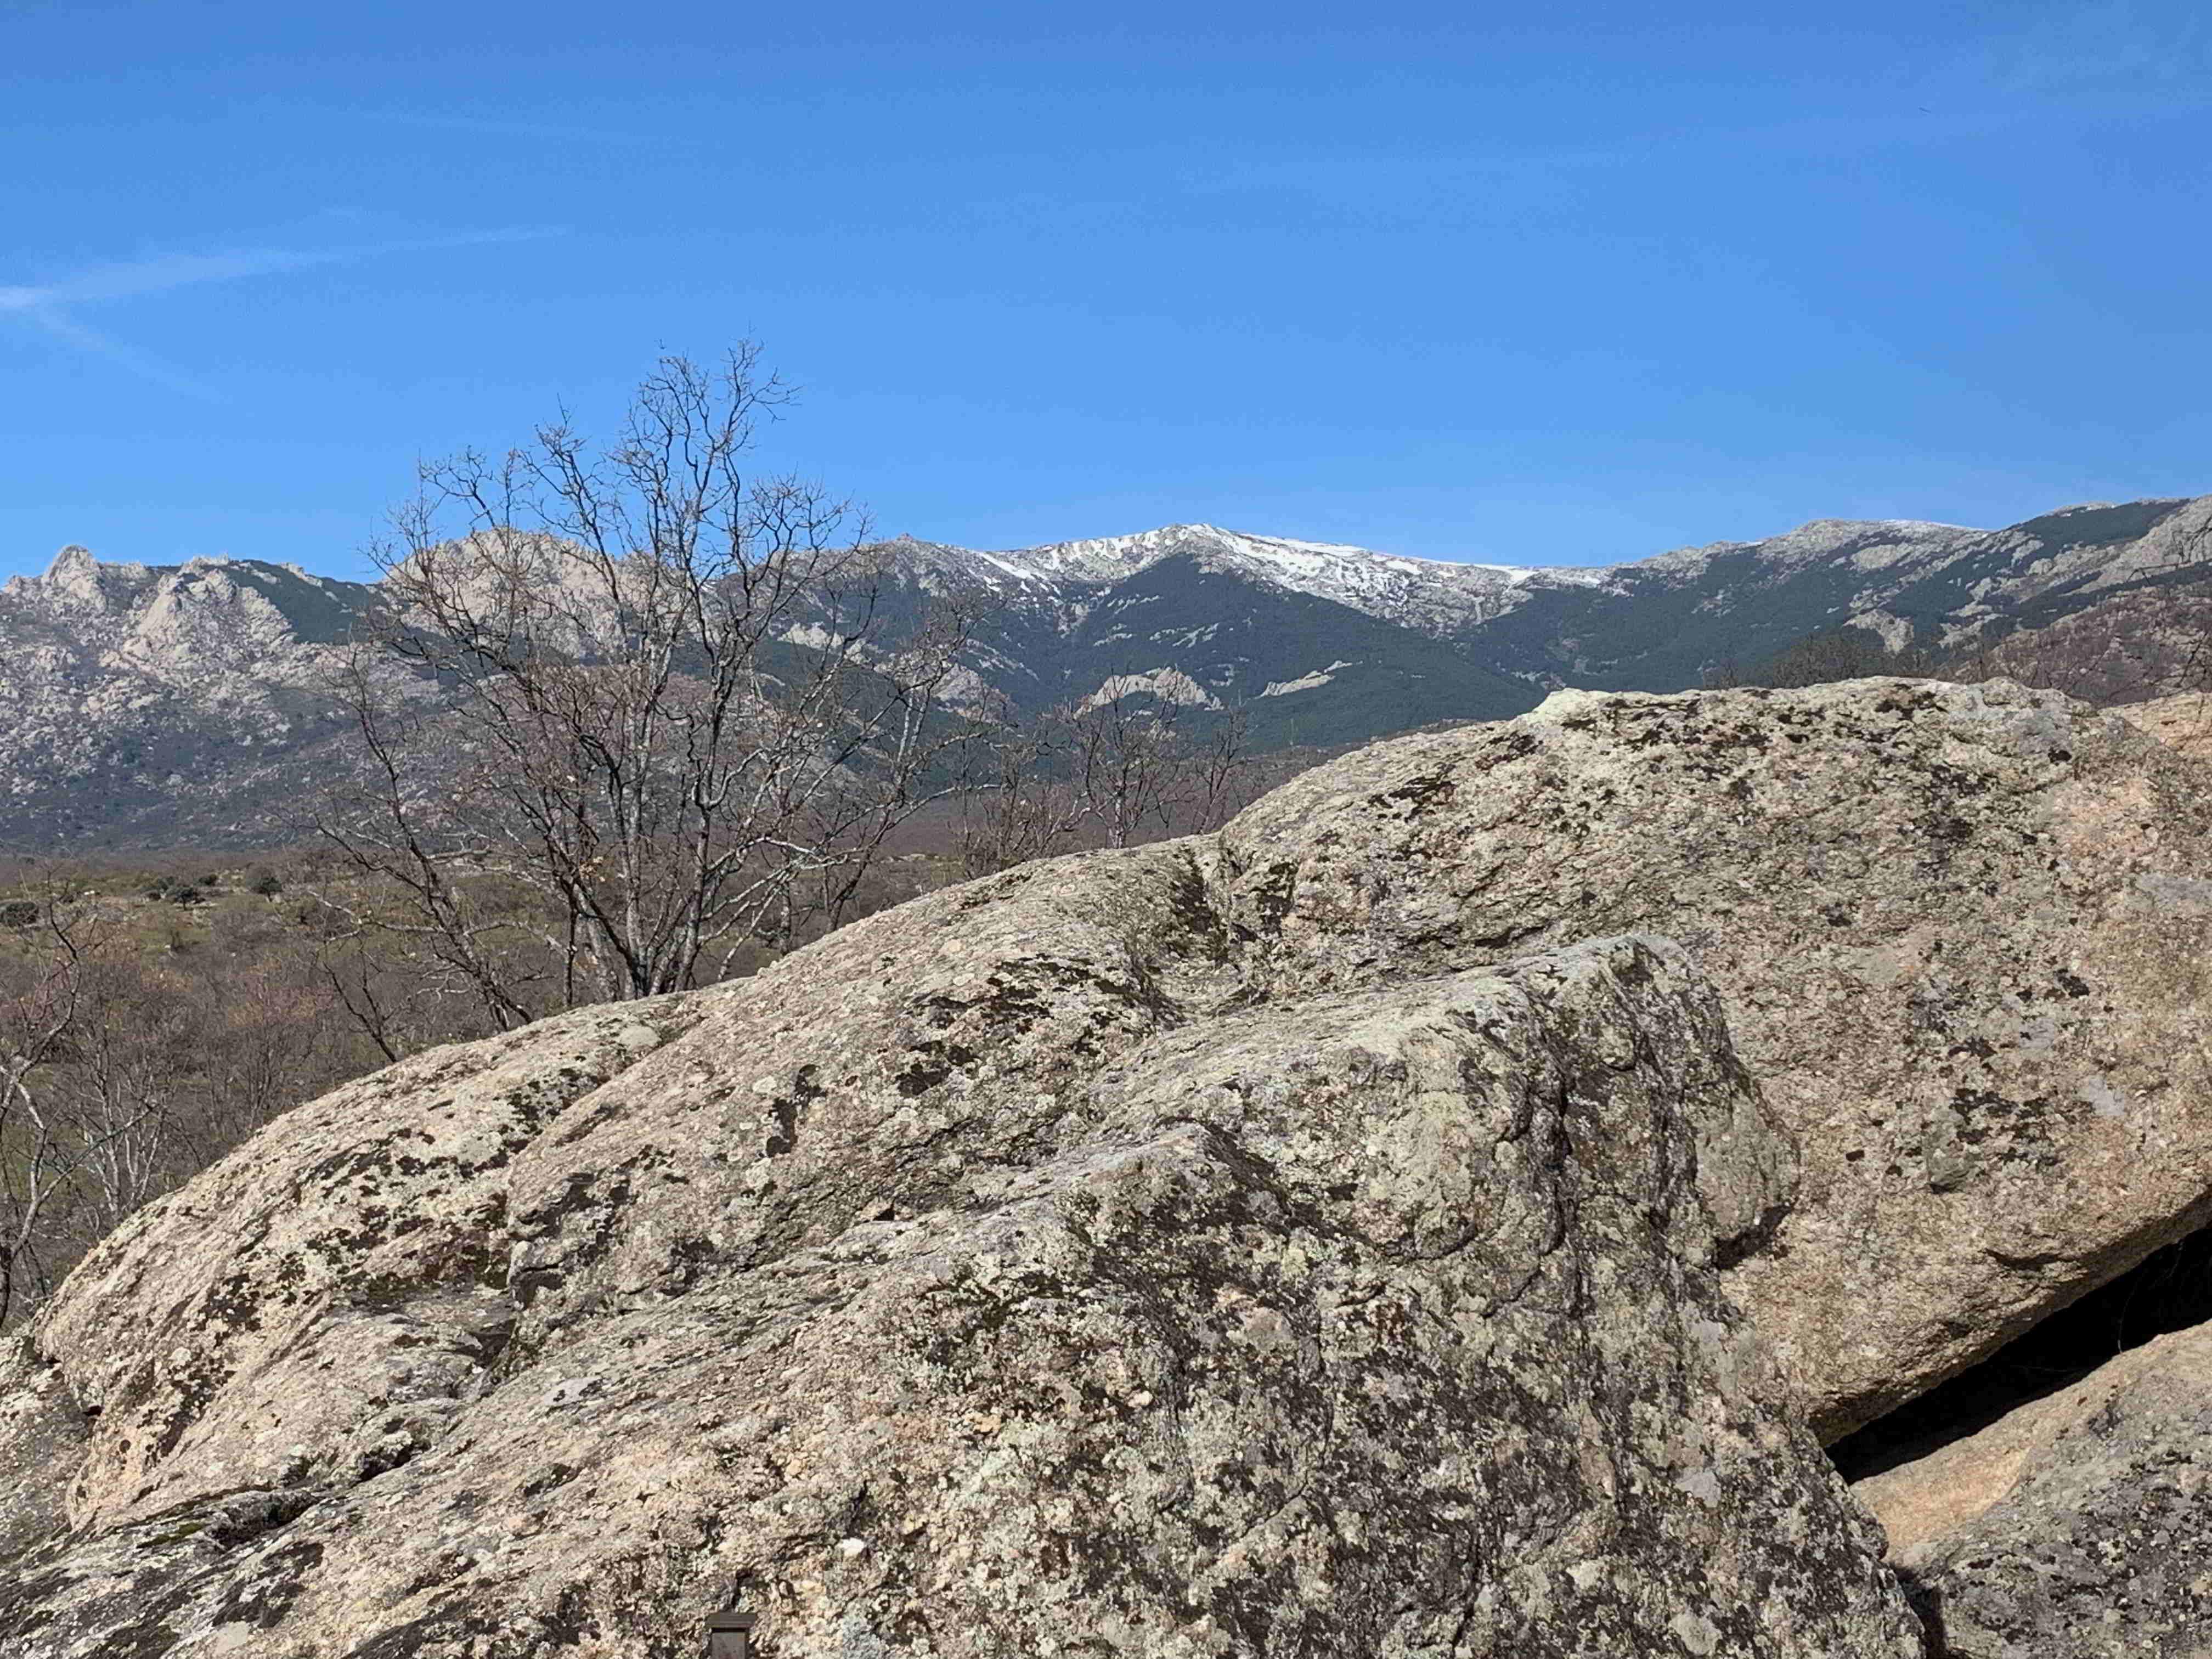 de Soto a Miraflores de la Sierra